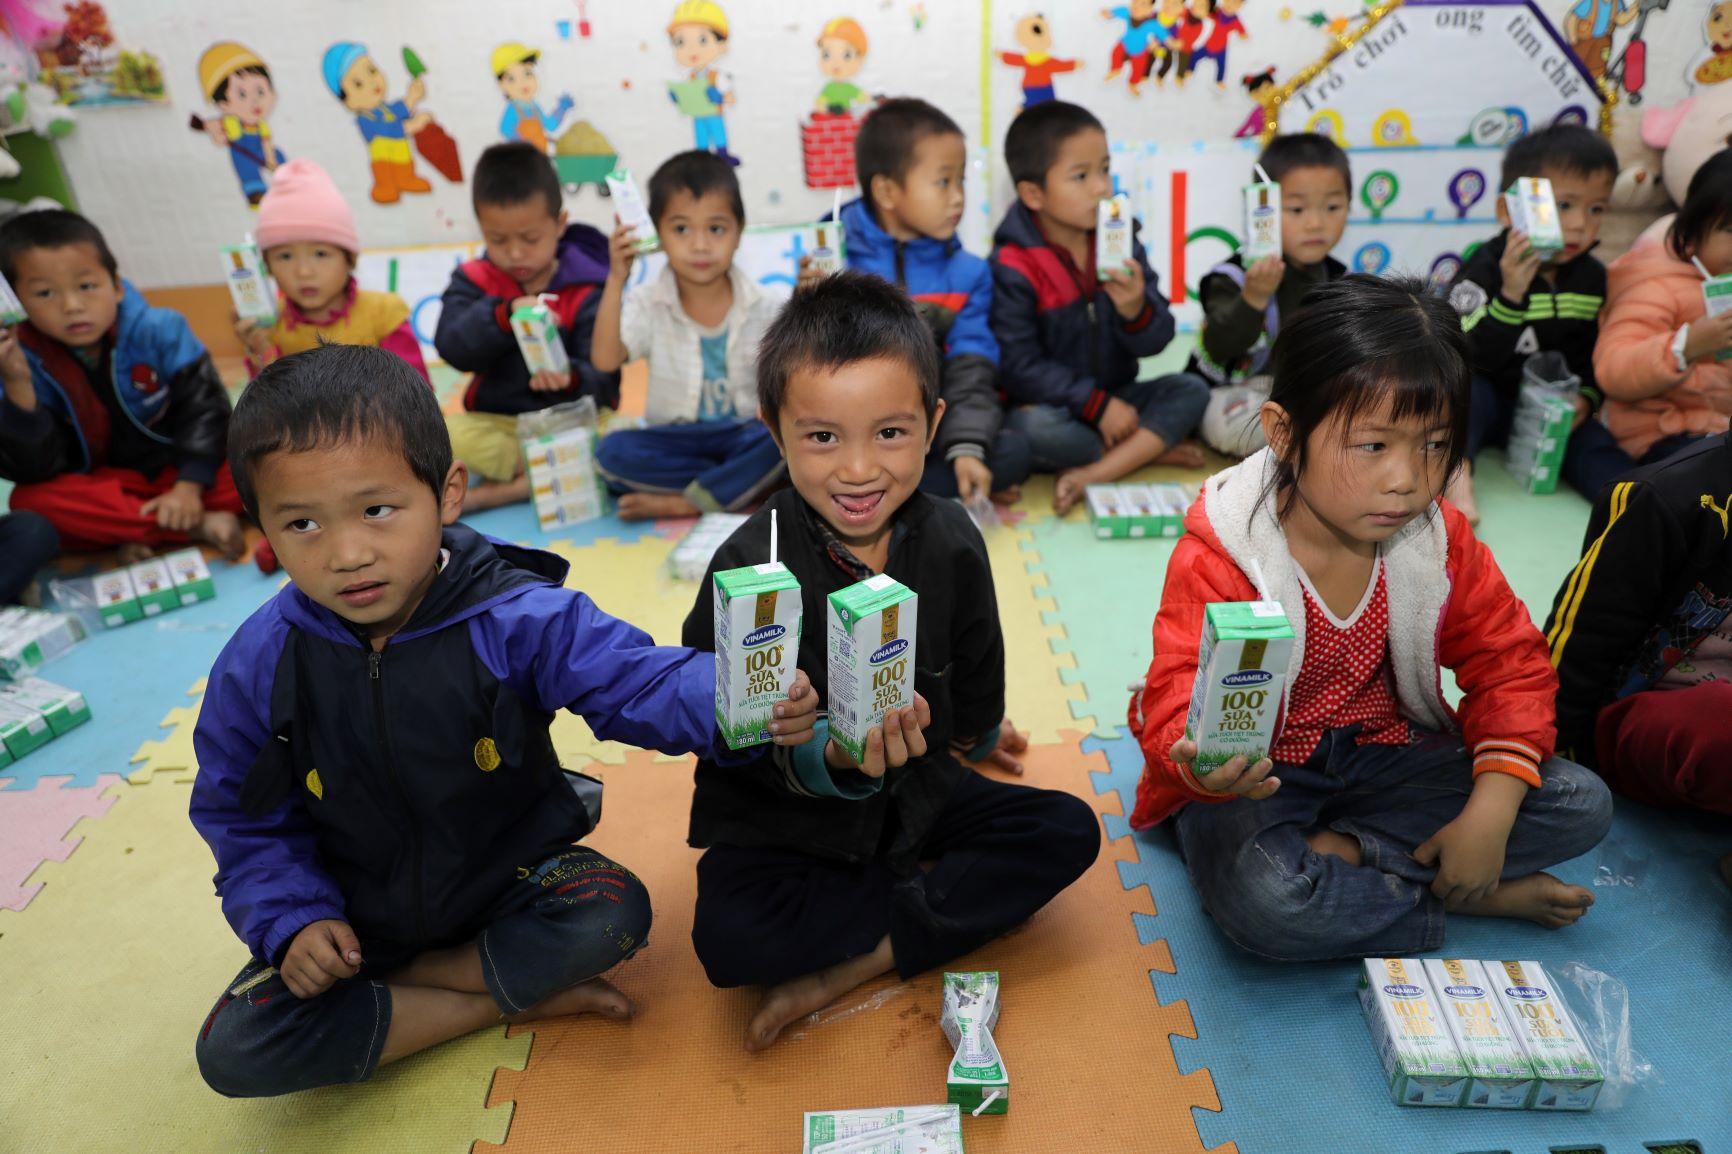 Đến trường với niềm vui uống sữa của trẻ vùng cao Hà Giang đã không còn là ước mơ 6